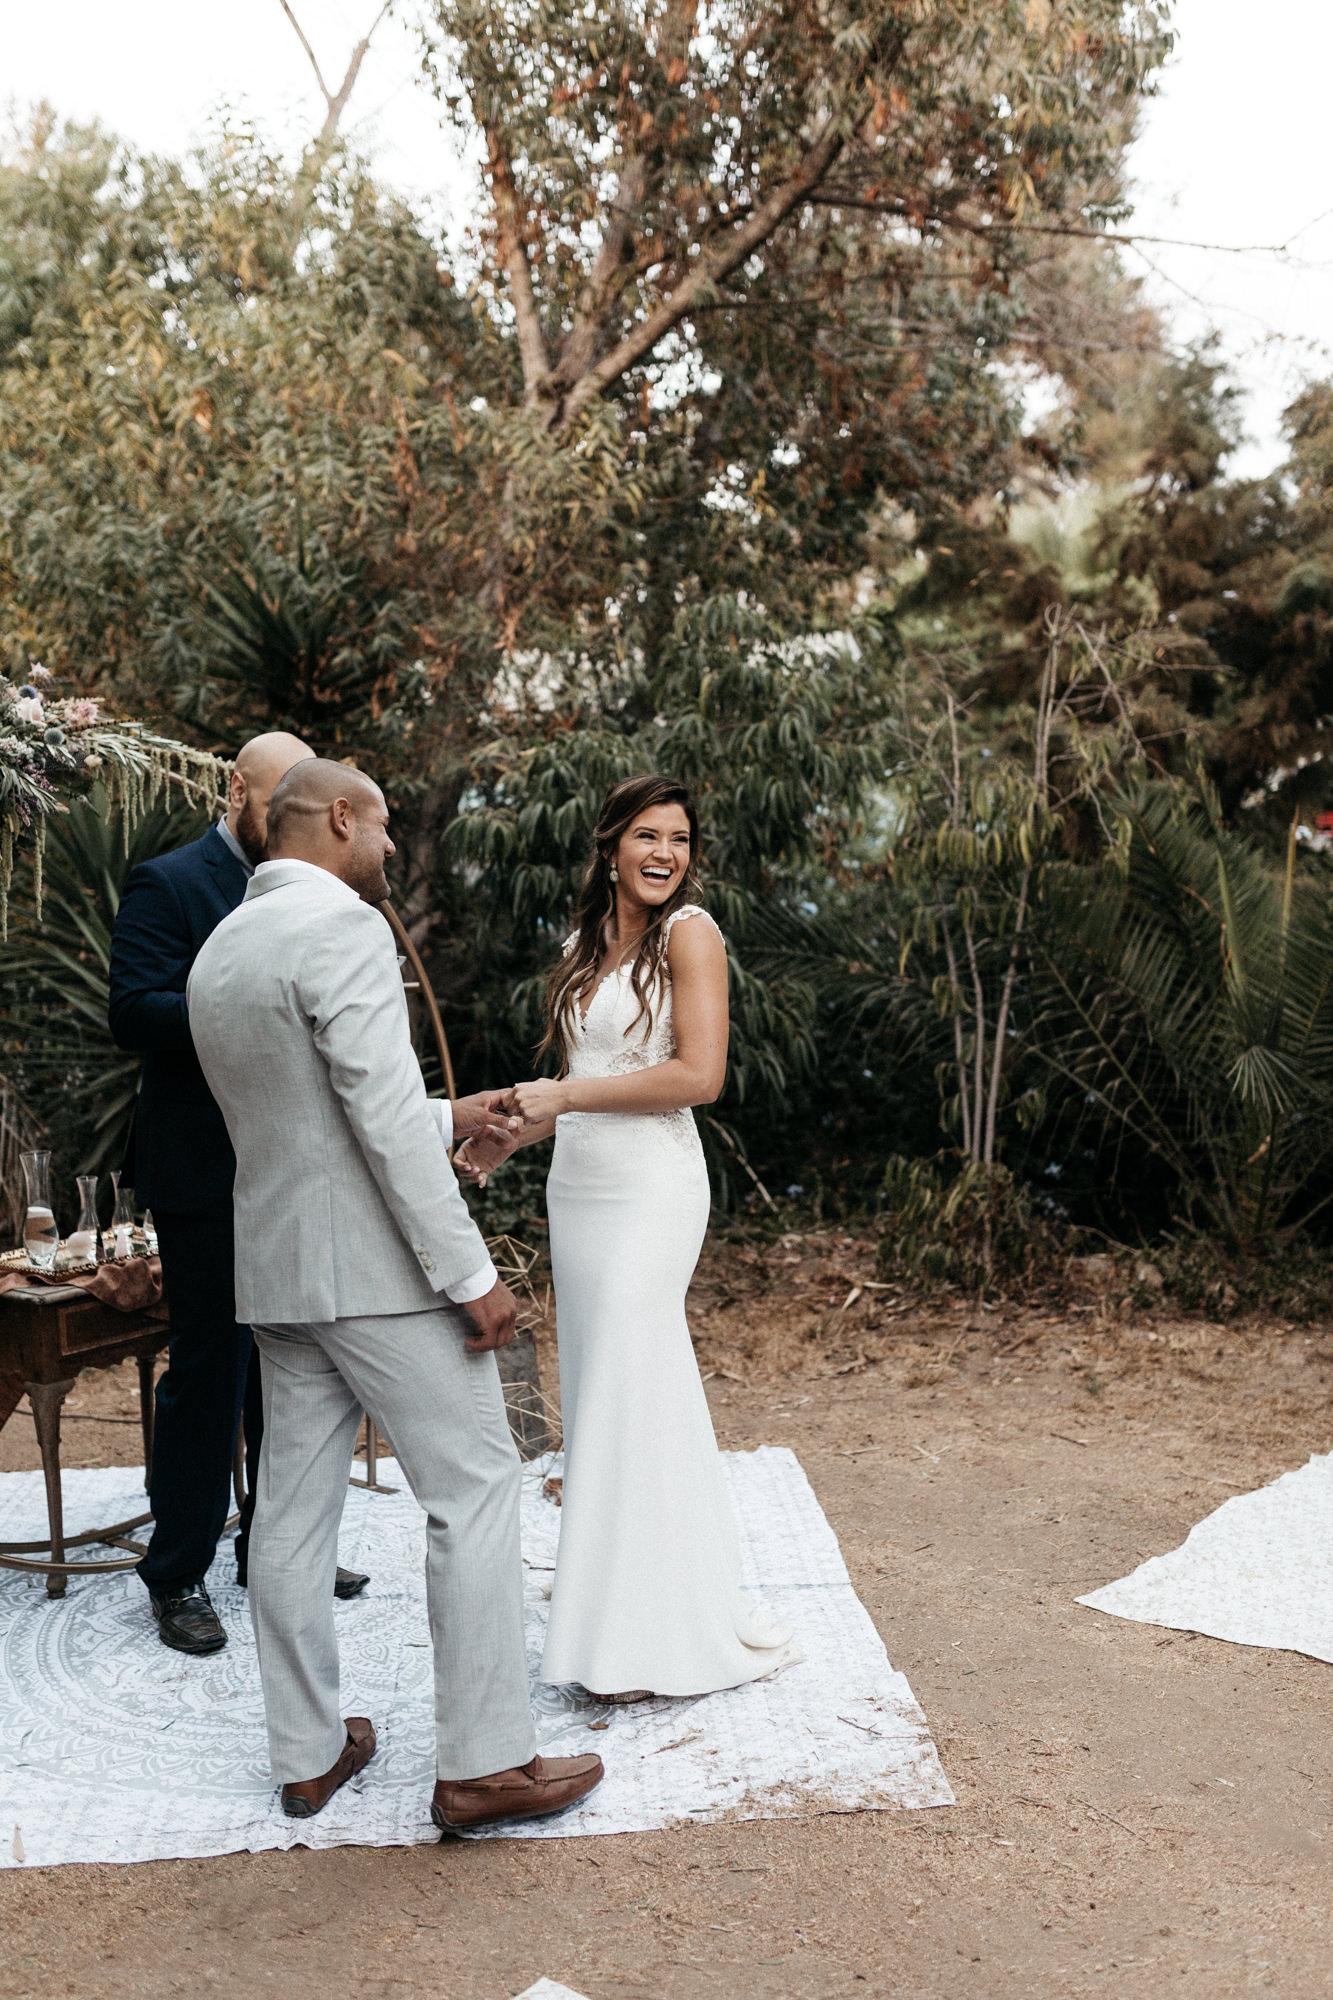 the_fire_garden_wedding-46.jpg